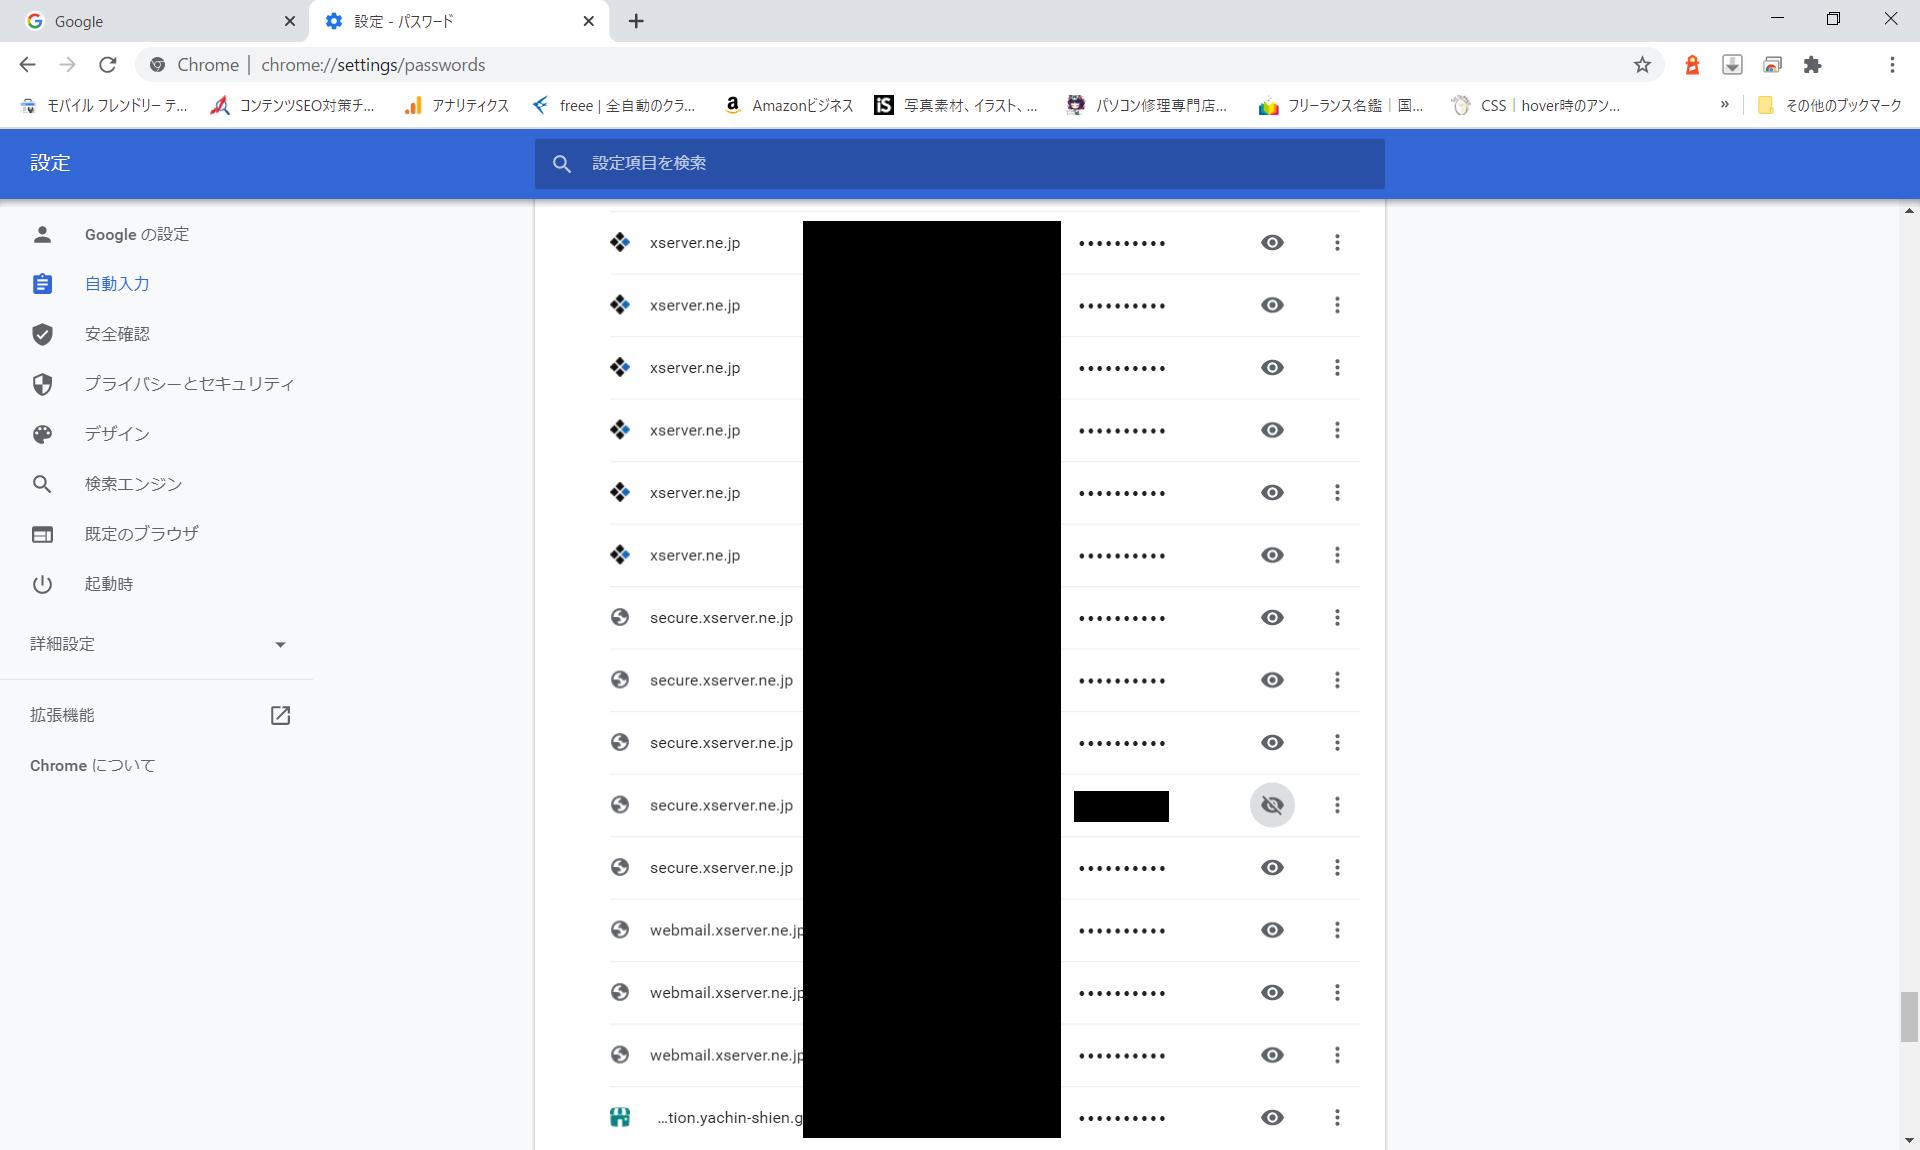 Google Chromeで保存されたパスワードを確認する方法【Windows10】